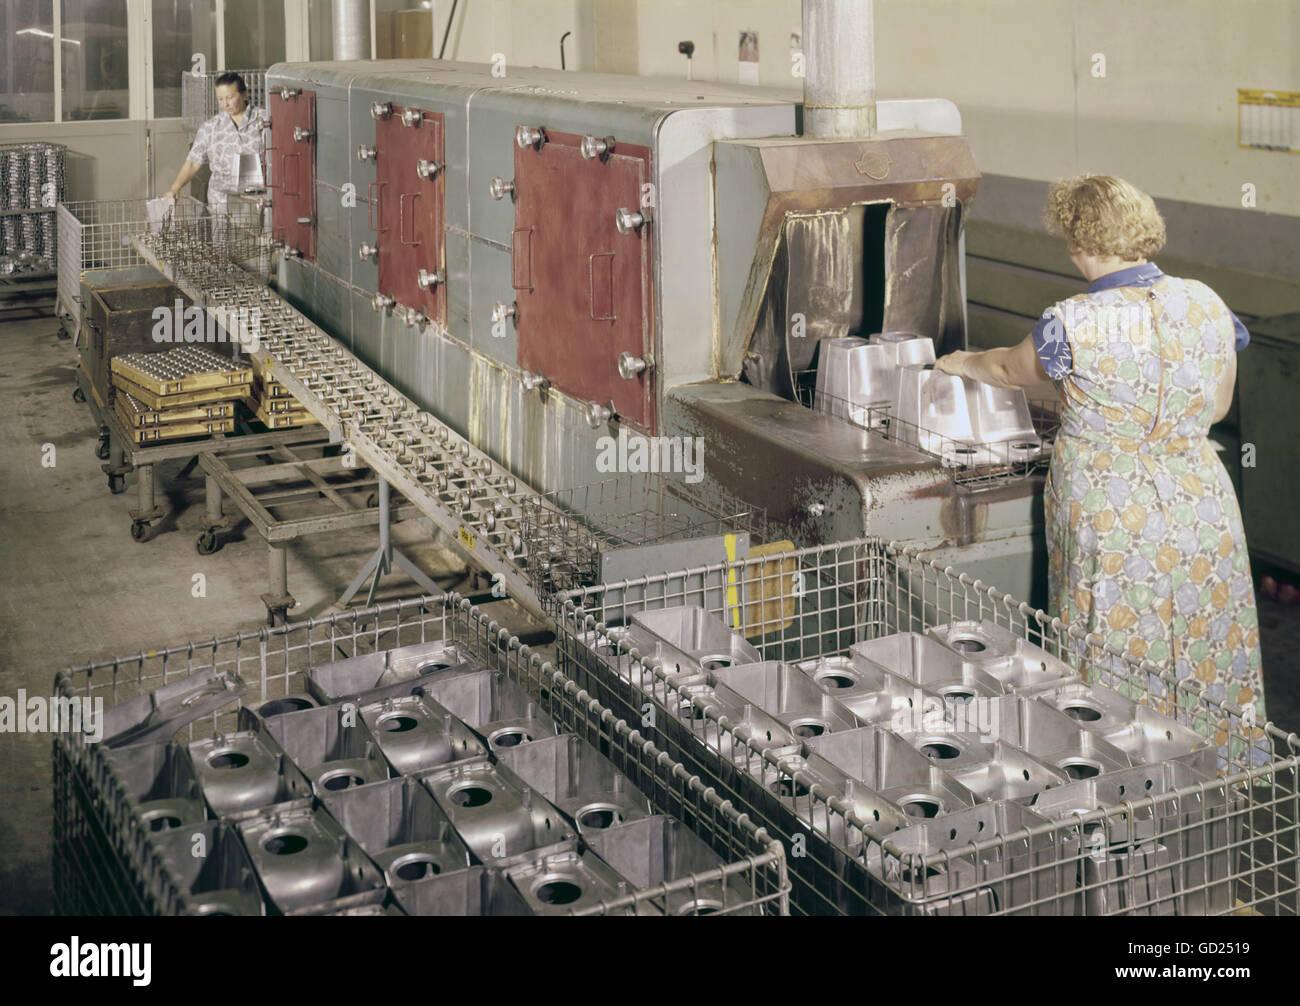 Servicio de gastronomía, la vajilla, las mujeres en el lavavajillas, 1959/1960, Additional-Rights-Clearences Imagen De Stock